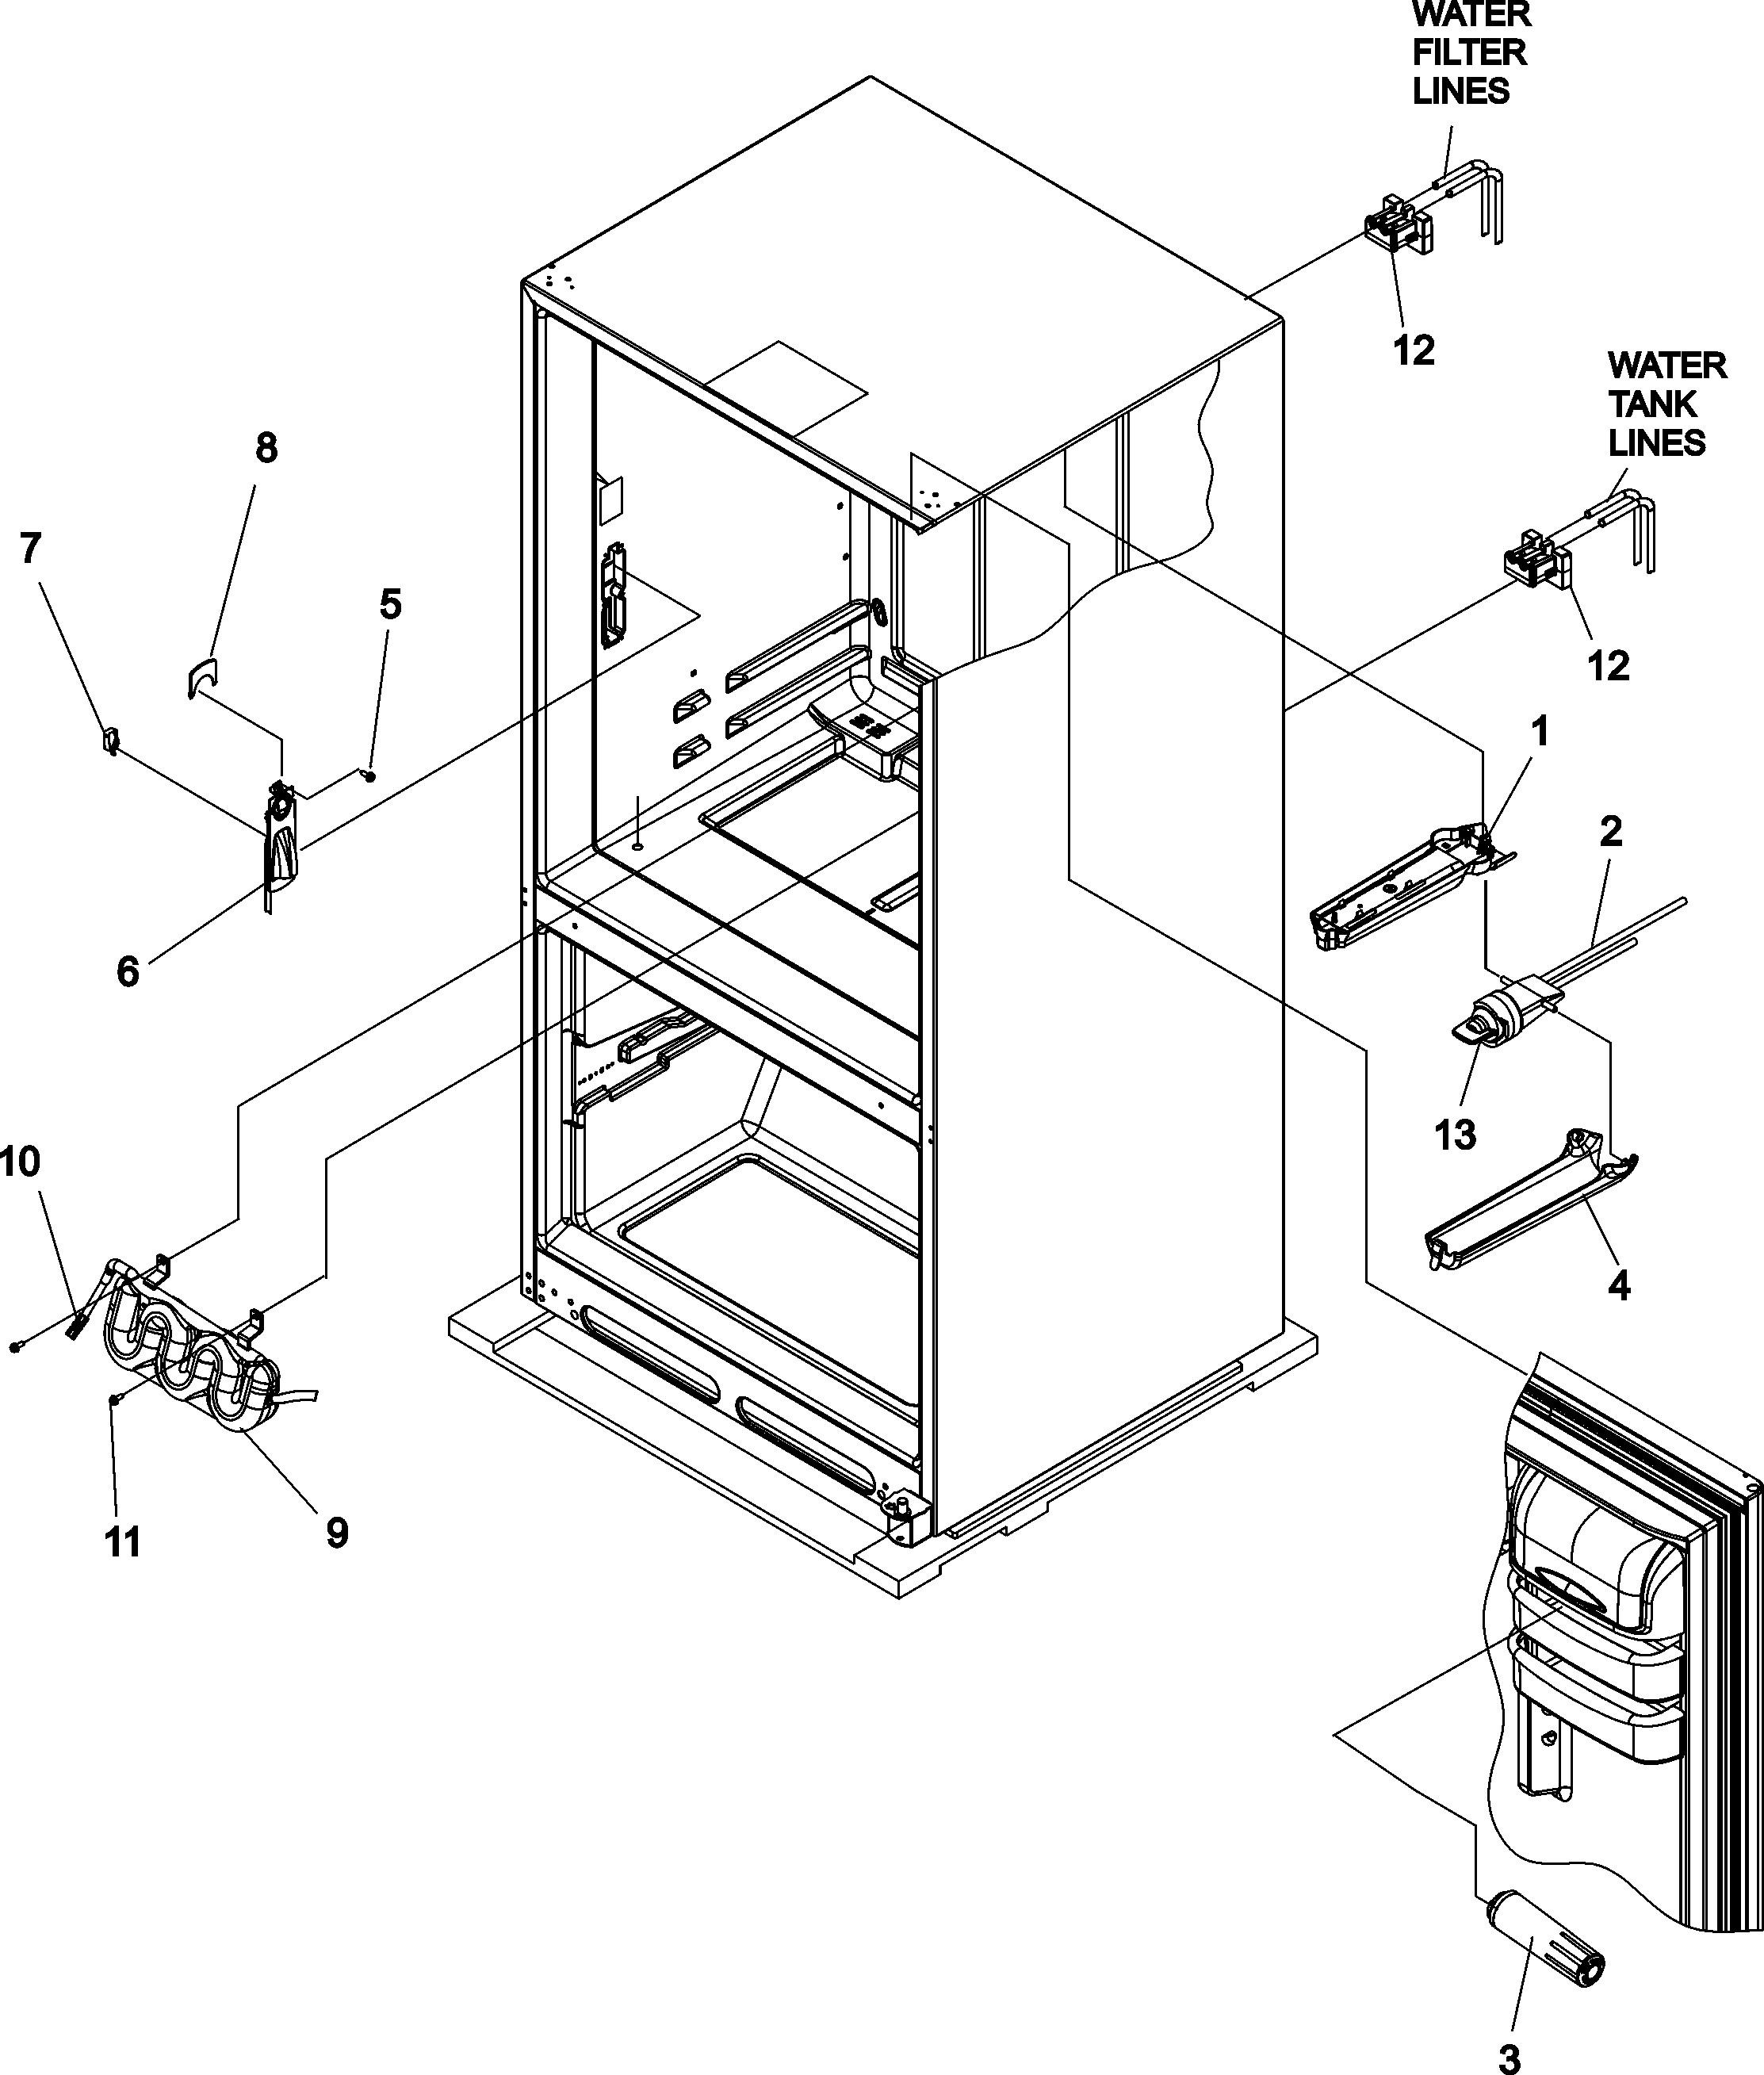 Car Door Parts Names Diagram Amana Refrigerator Parts Model Abc2037dps Of Car Door Parts Names Diagram